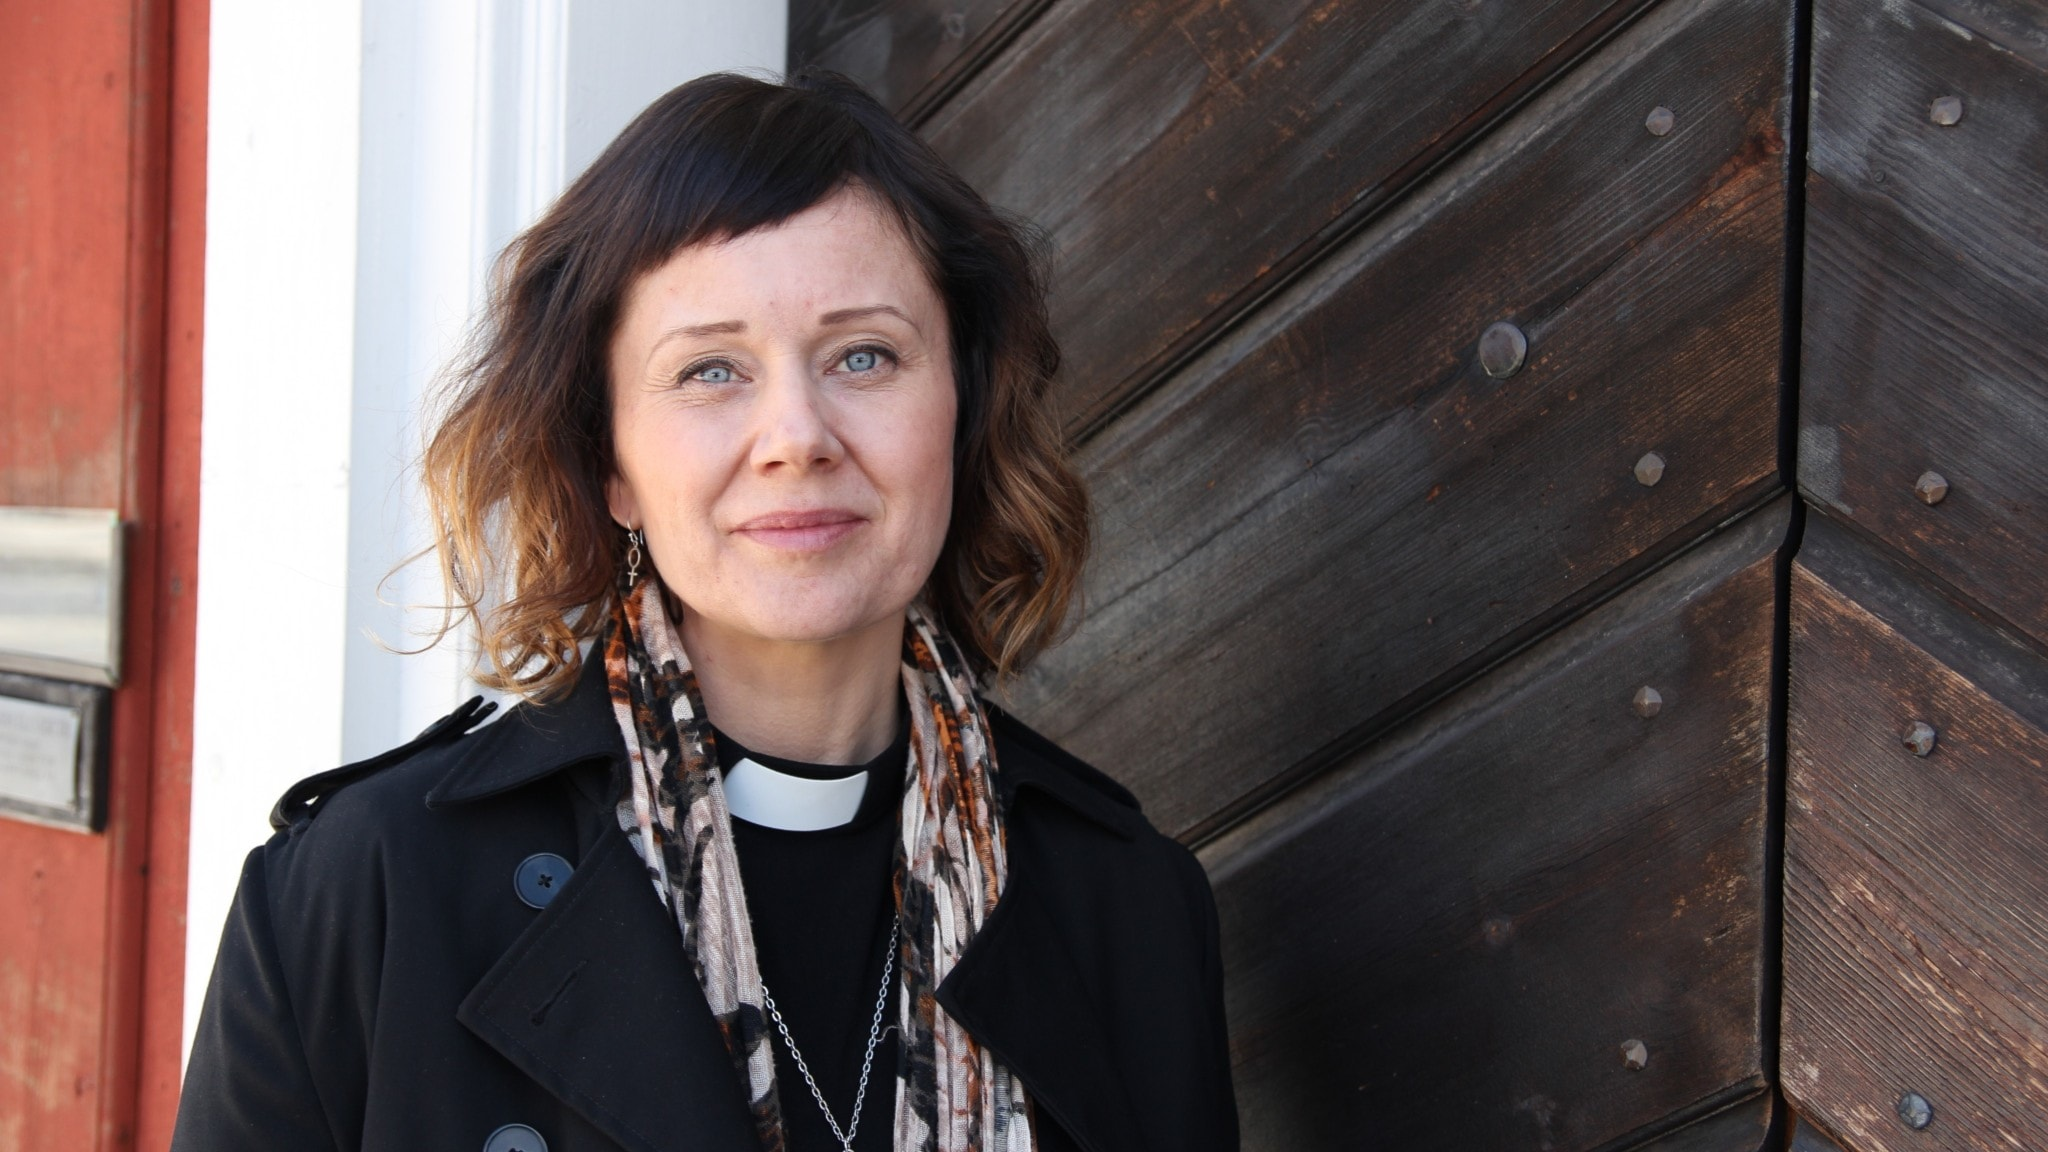 Kvinna i prästskjorta framför en äldre kyrkport i trä.